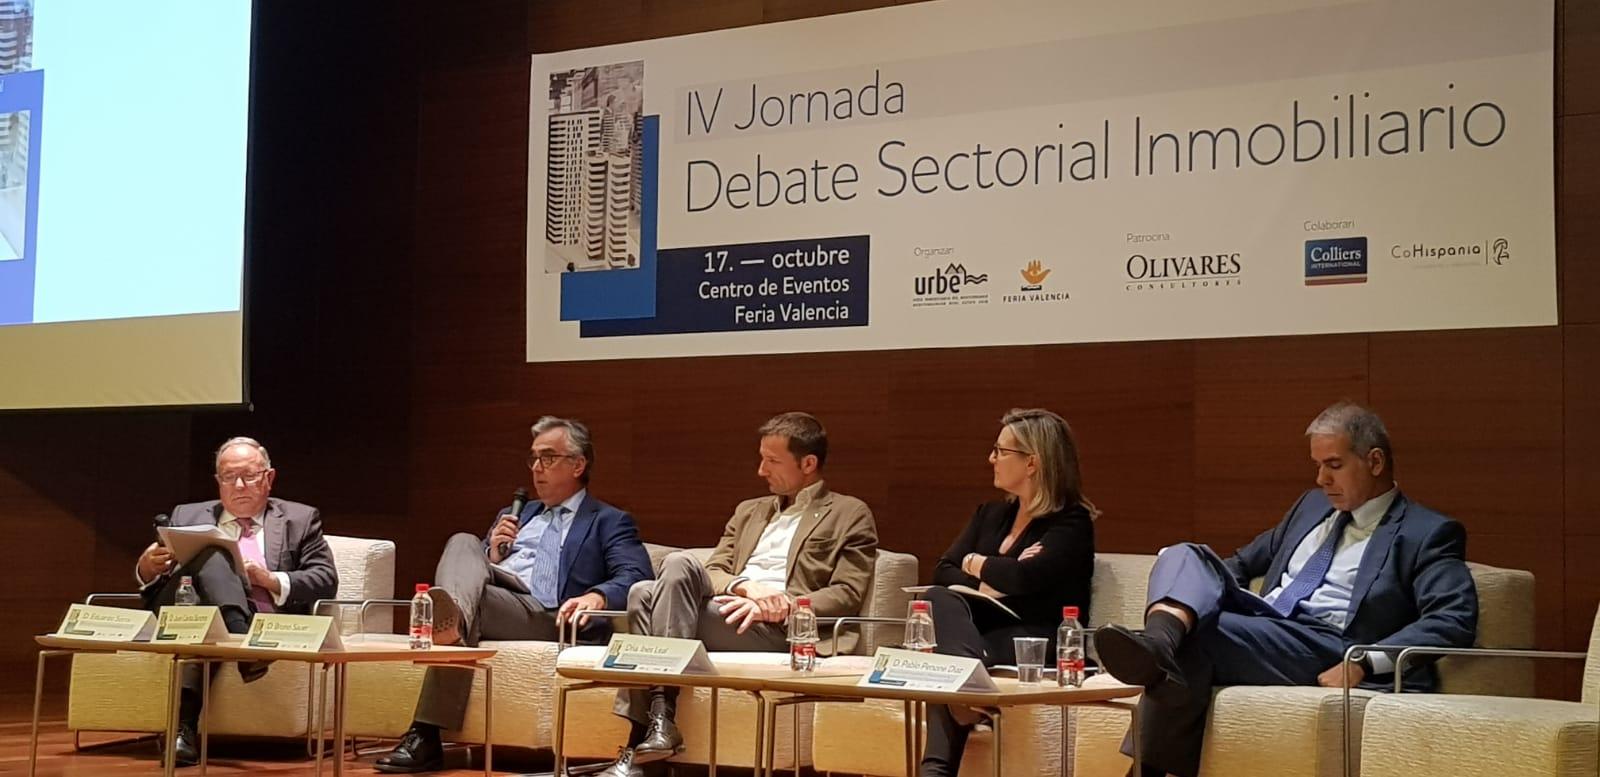 Imagen de la noticia sobre IV JORNADA DE DEBATE SECTORIAL INMOBILIARIO